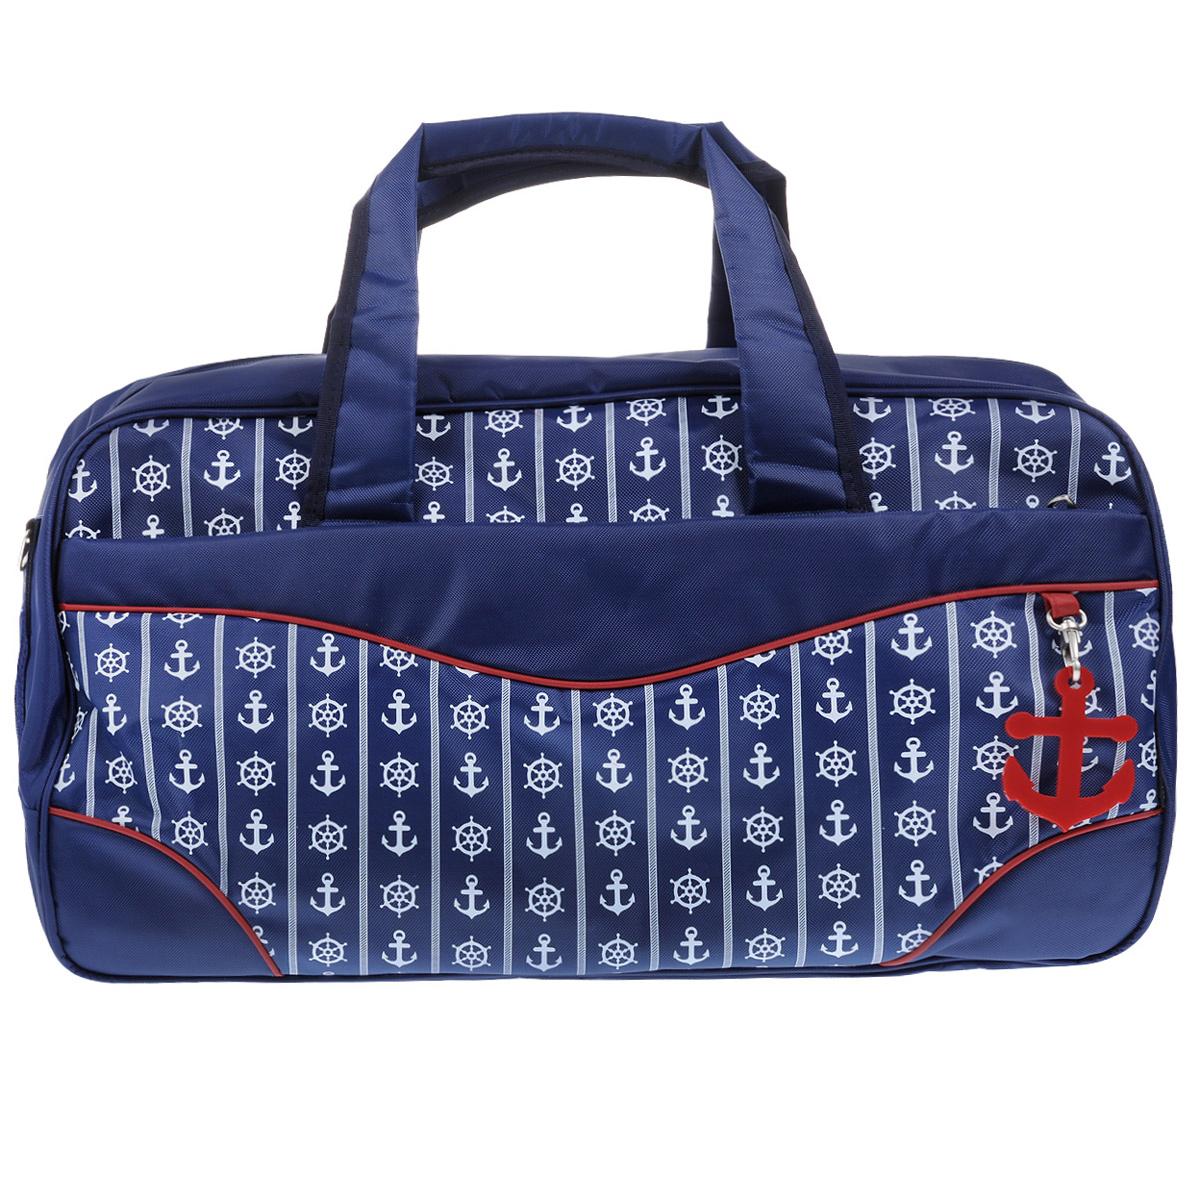 Сумка дорожная Antan Морская, цвет: синий. 2-3L2-3L морской стиль 2 ПЭ/синийВместительная дорожная сумка Antan выполнена из полиэстера и оформлена принтом в морском стиле. Сумка имеет одно отделение, закрывающееся на застежку-молнию. Внутри - вшитый карман на молнии и два открытых накладных кармашка. С внешней стороны расположены два вшитых кармана на молниях. Сумка оснащена двумя удобными ручками и съемным плечевым ремнем регулируемой длины. Такая сумка будет незаменима при походе в спортзал, а также может использоваться в качестве ручной клади во время путешествия.